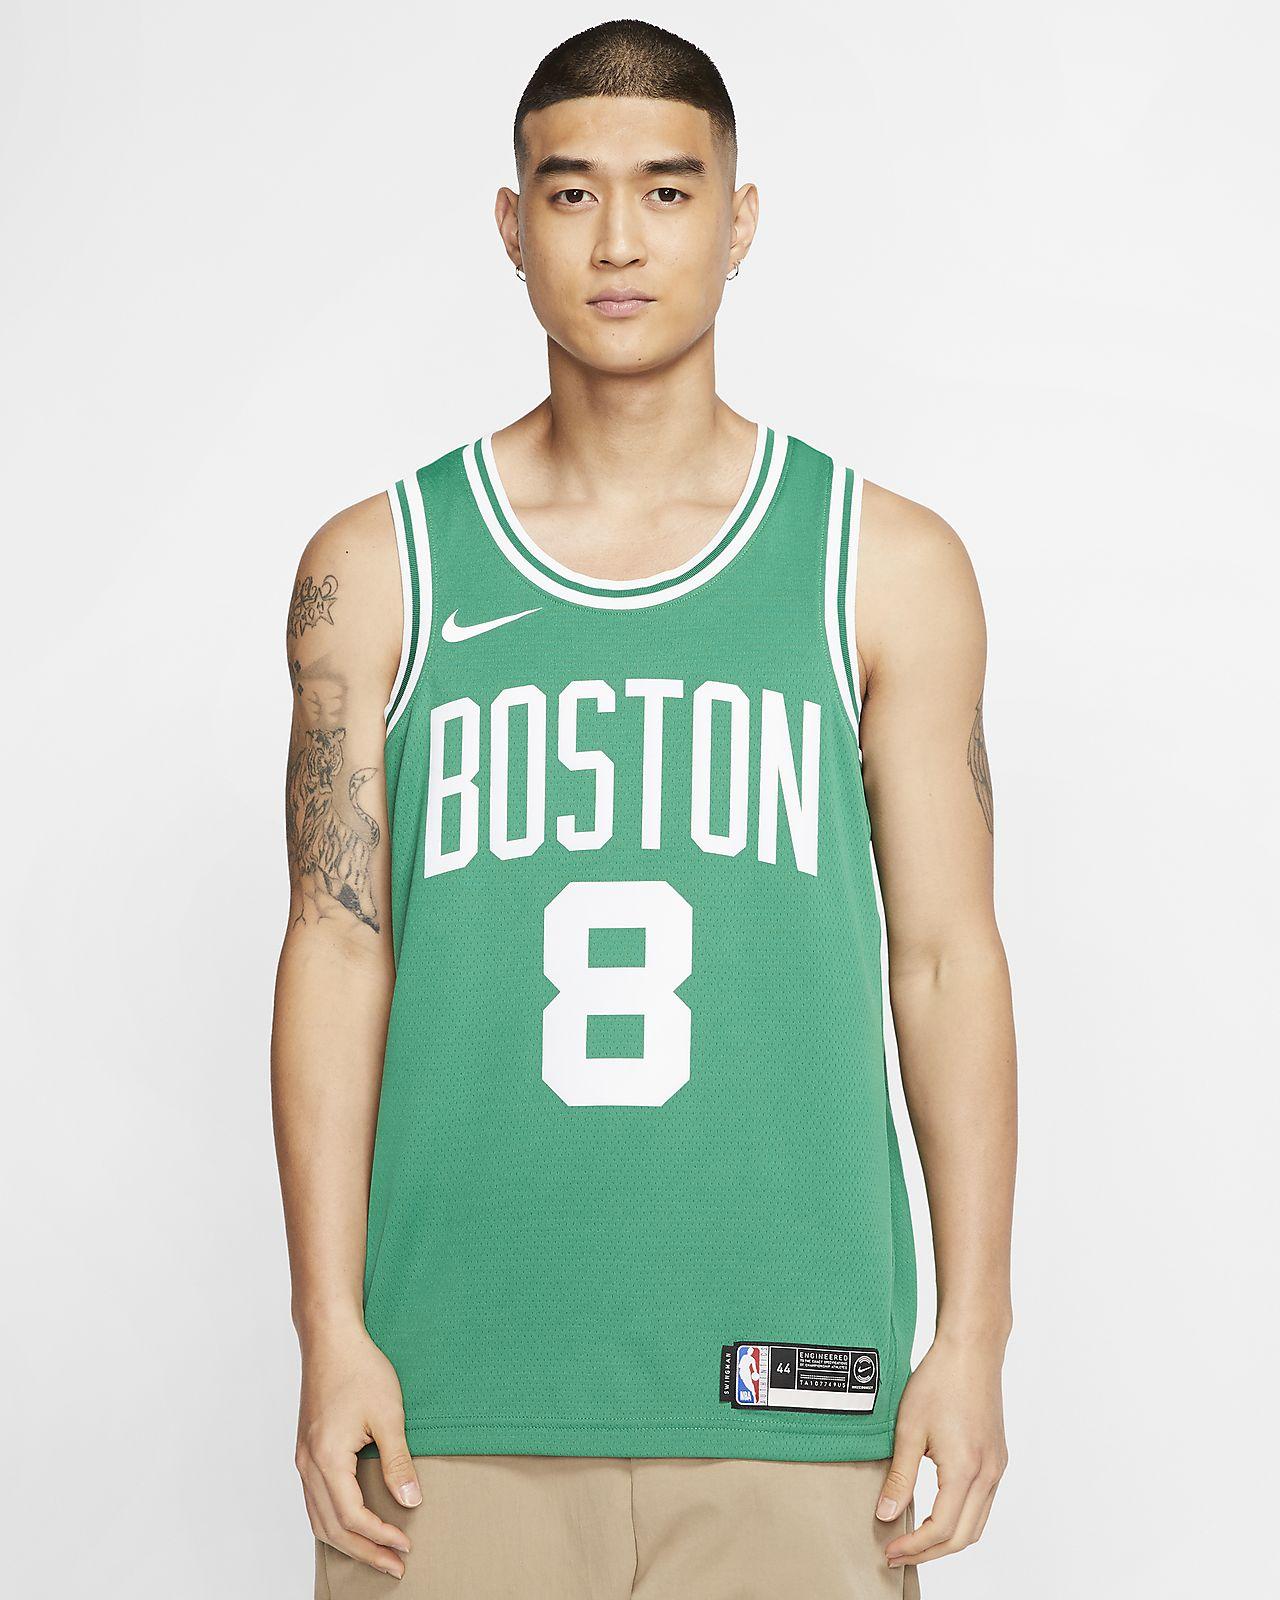 ケンバ ウォーカー セルティックス アイコン エディション メンズ ナイキ NBA スウィングマン ジャージー